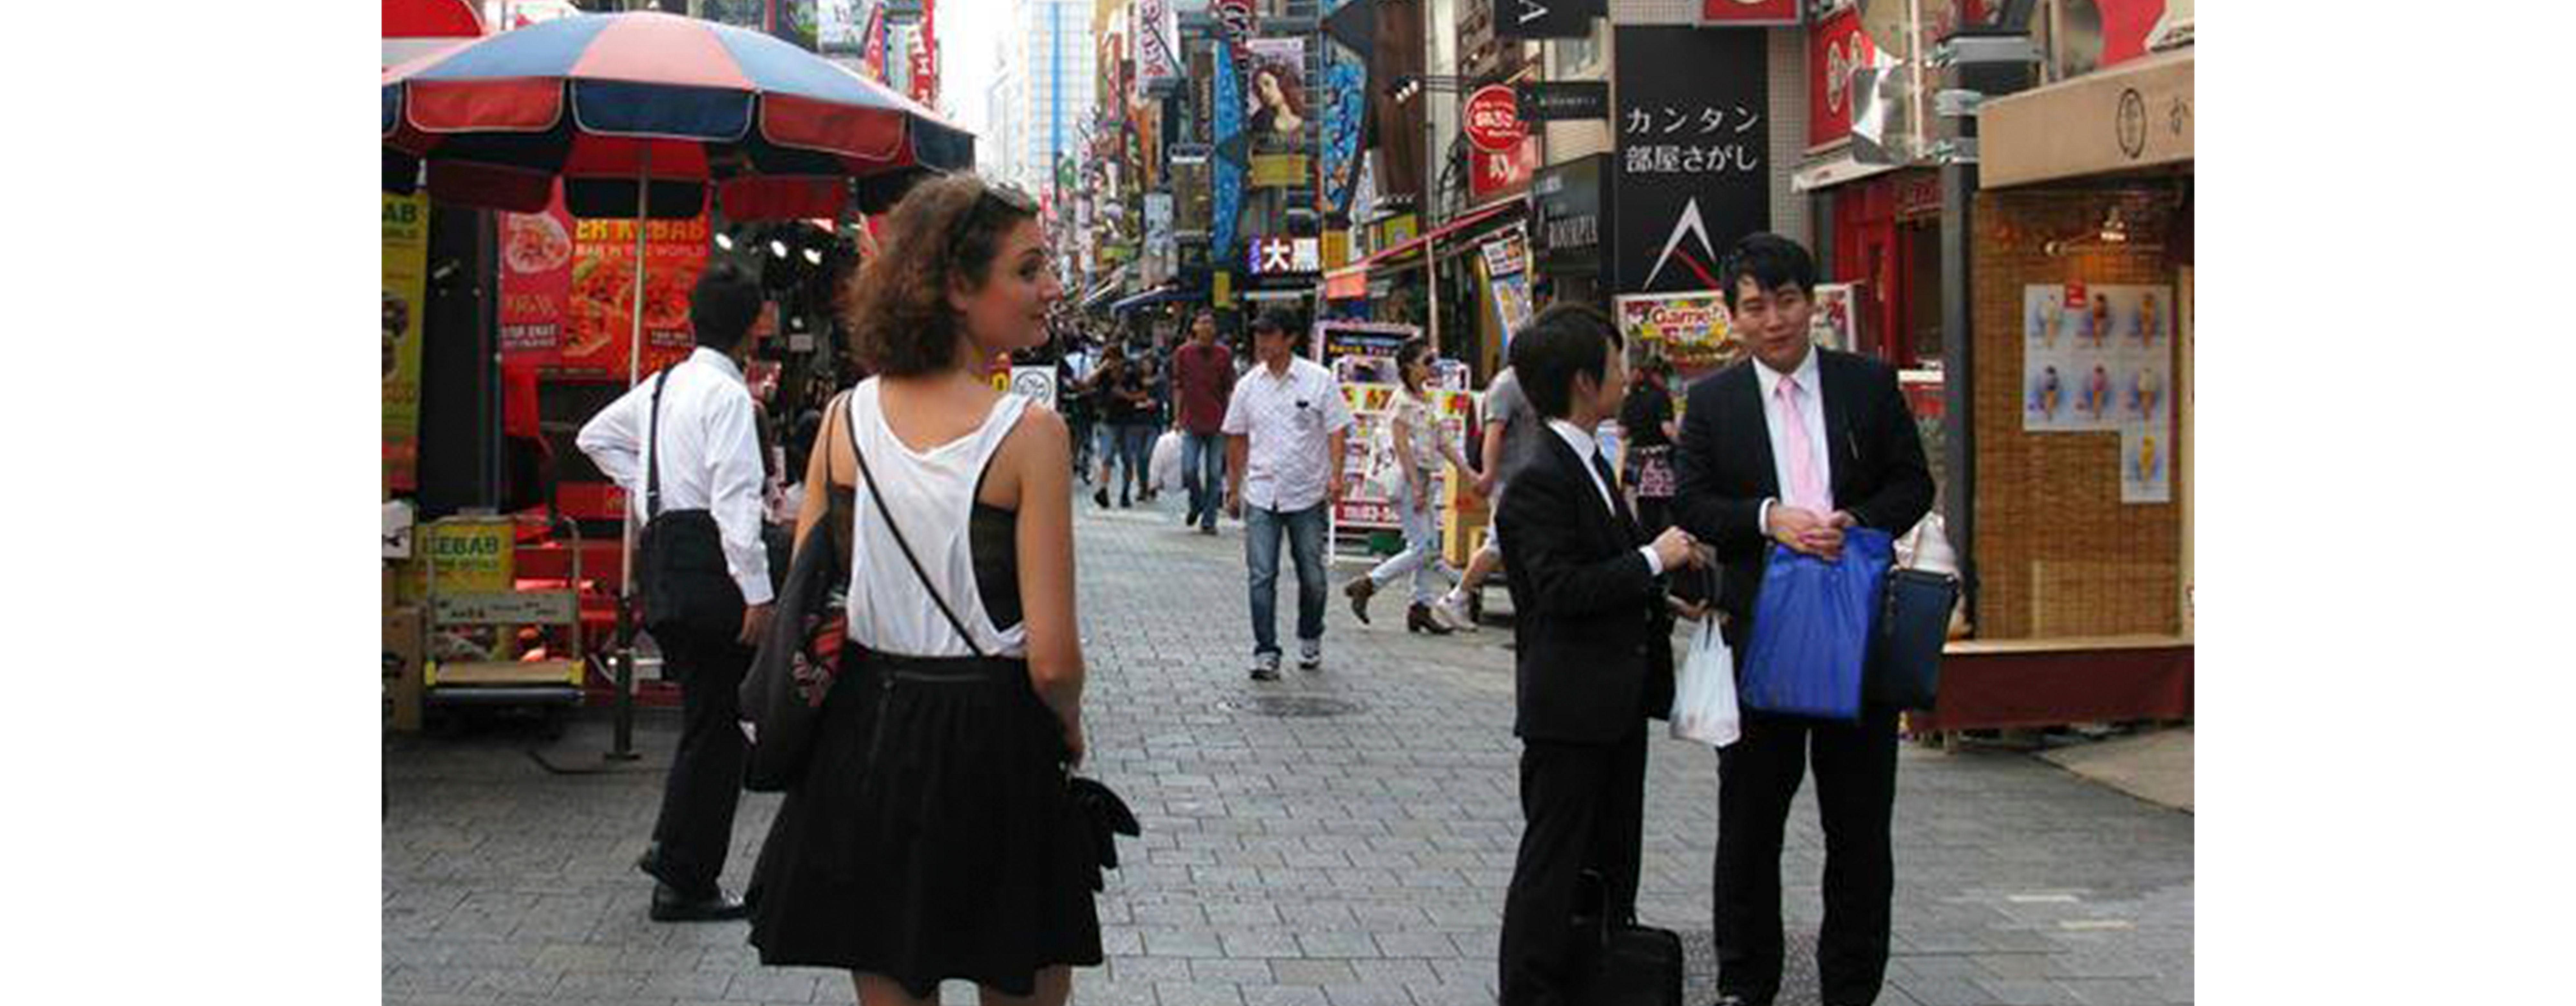 Turid fløy til Japan for bonuskronene hun sparte ved å handle fast på KIWI.